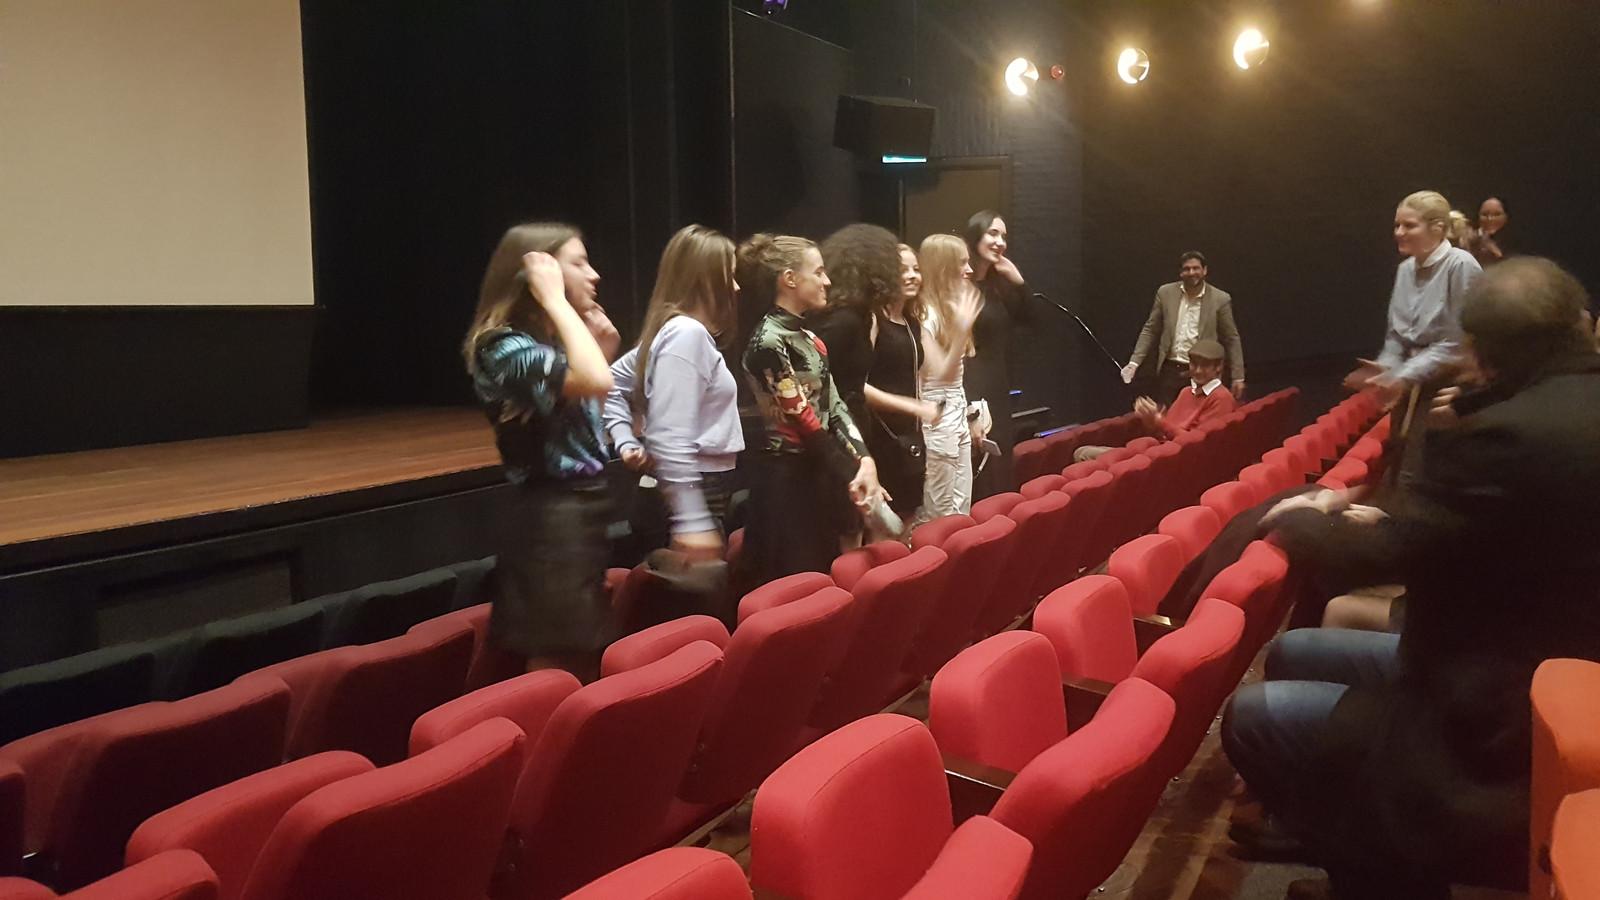 De dames namen na afloop het applaus van 30 genodigden in ontvangst.